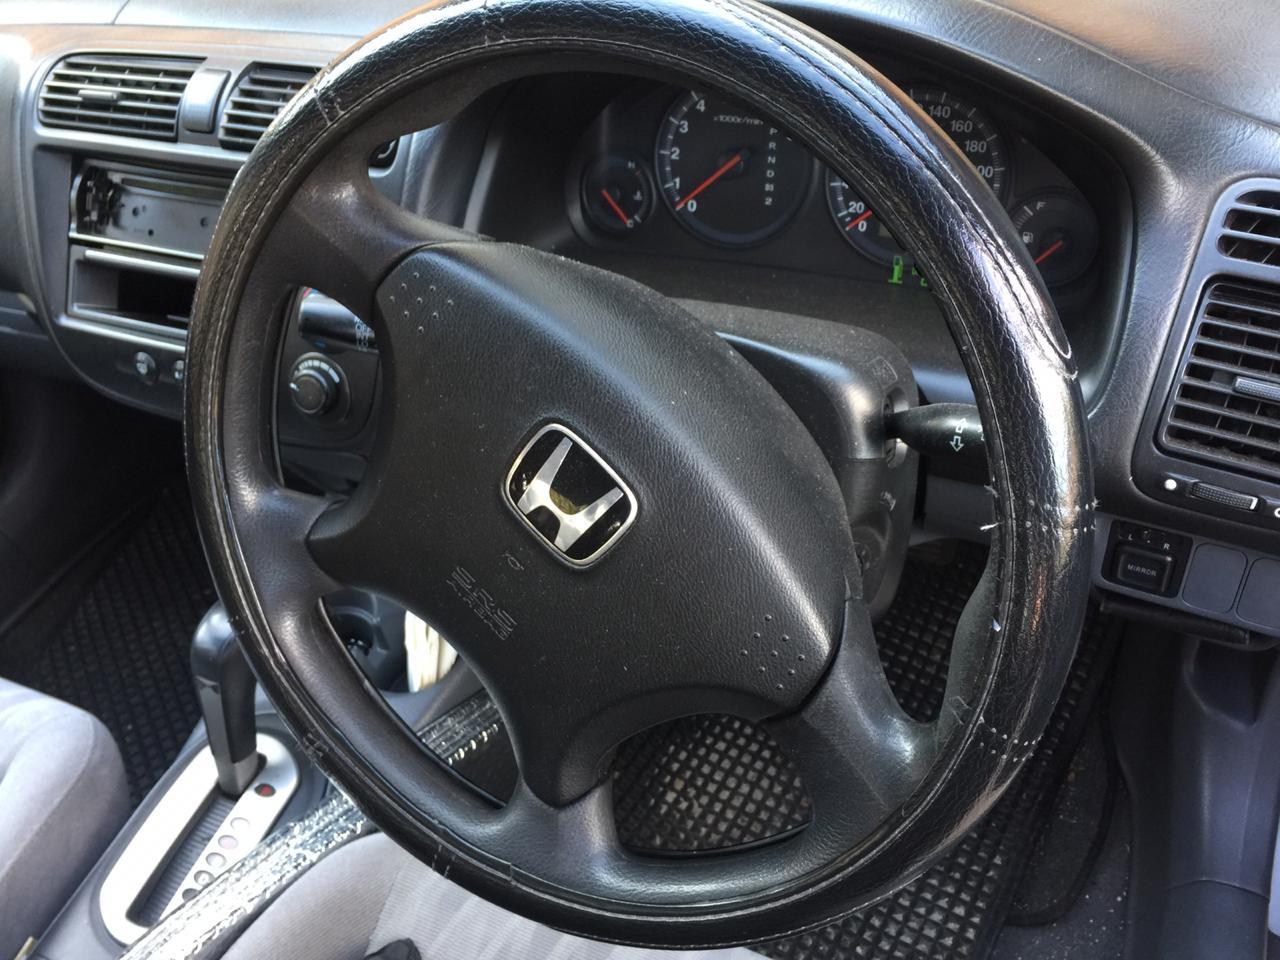 2005 Honda Civic 150i 4 door automatic